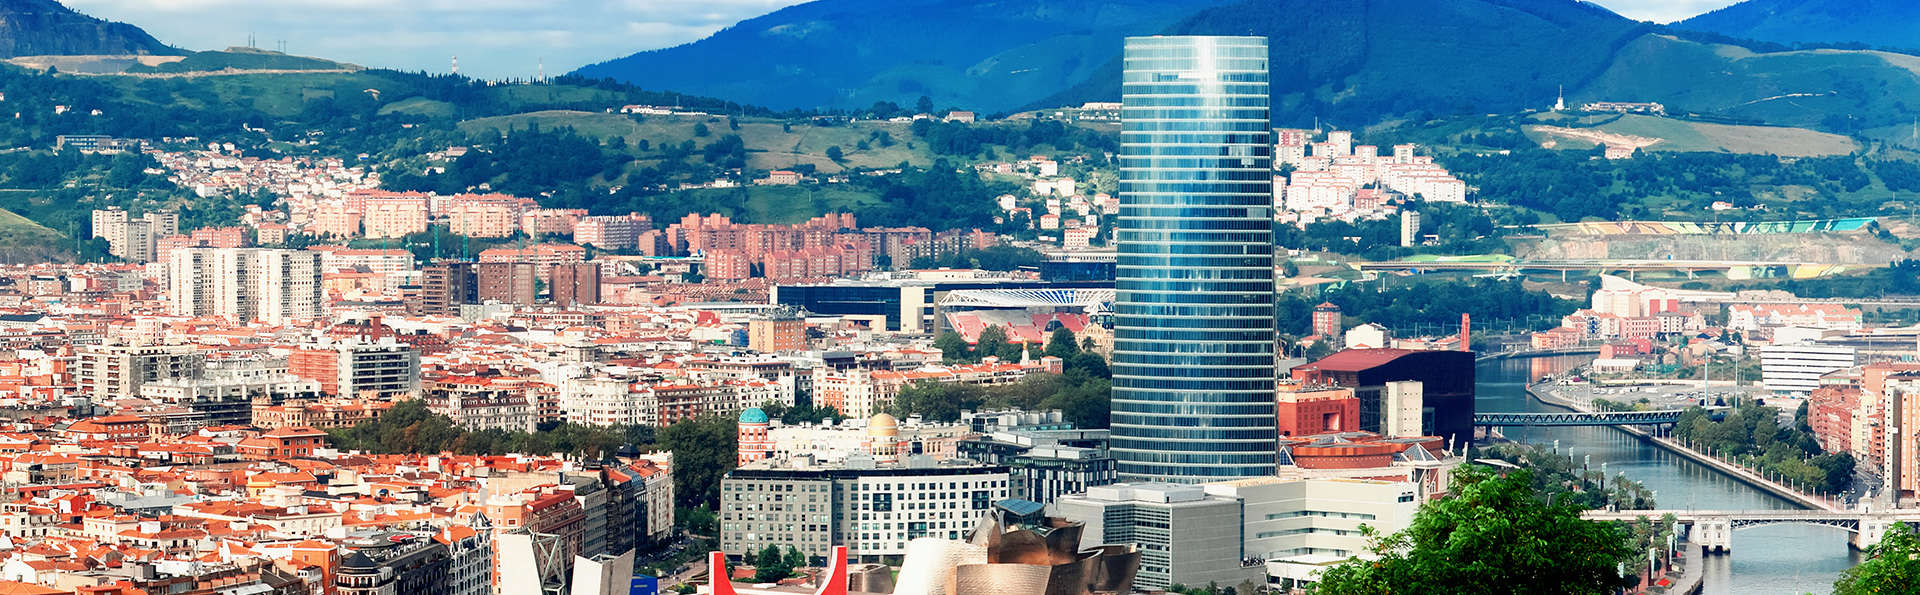 Descubre los imprescindibles del arte contemporáneo en el Museo Guggenheim de Bilbao